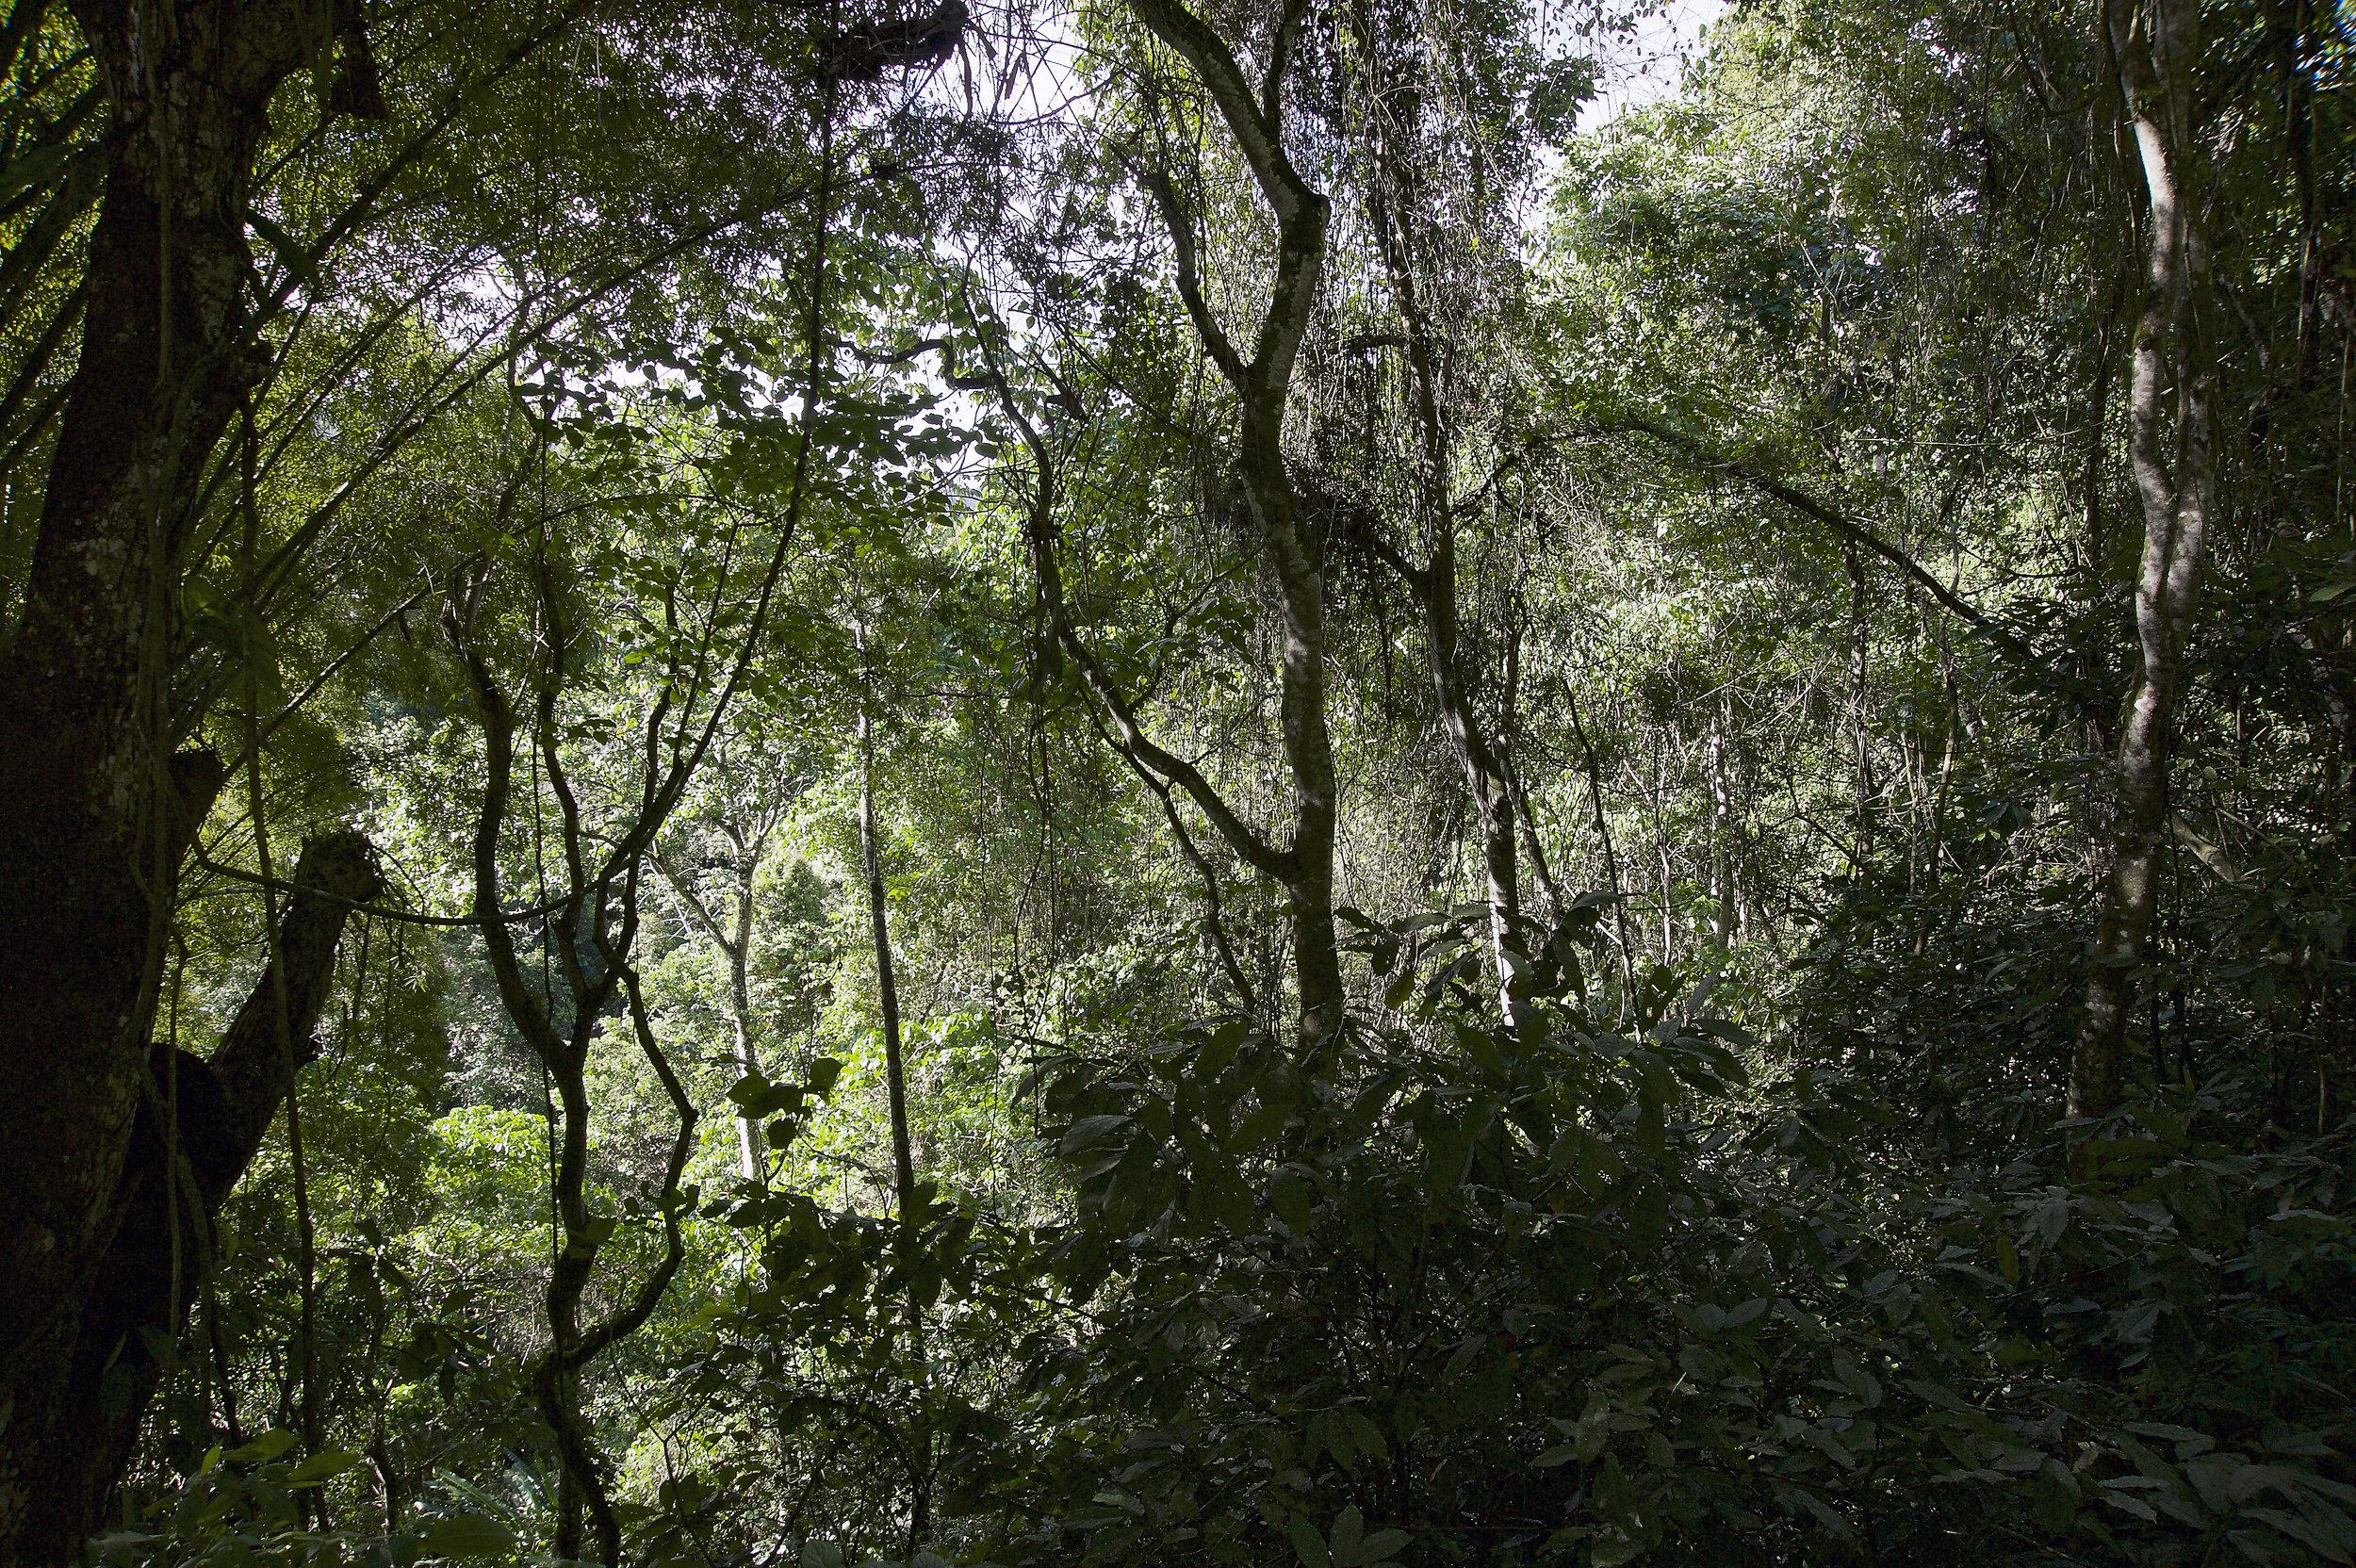 Dschungel_DSC5107.jpg